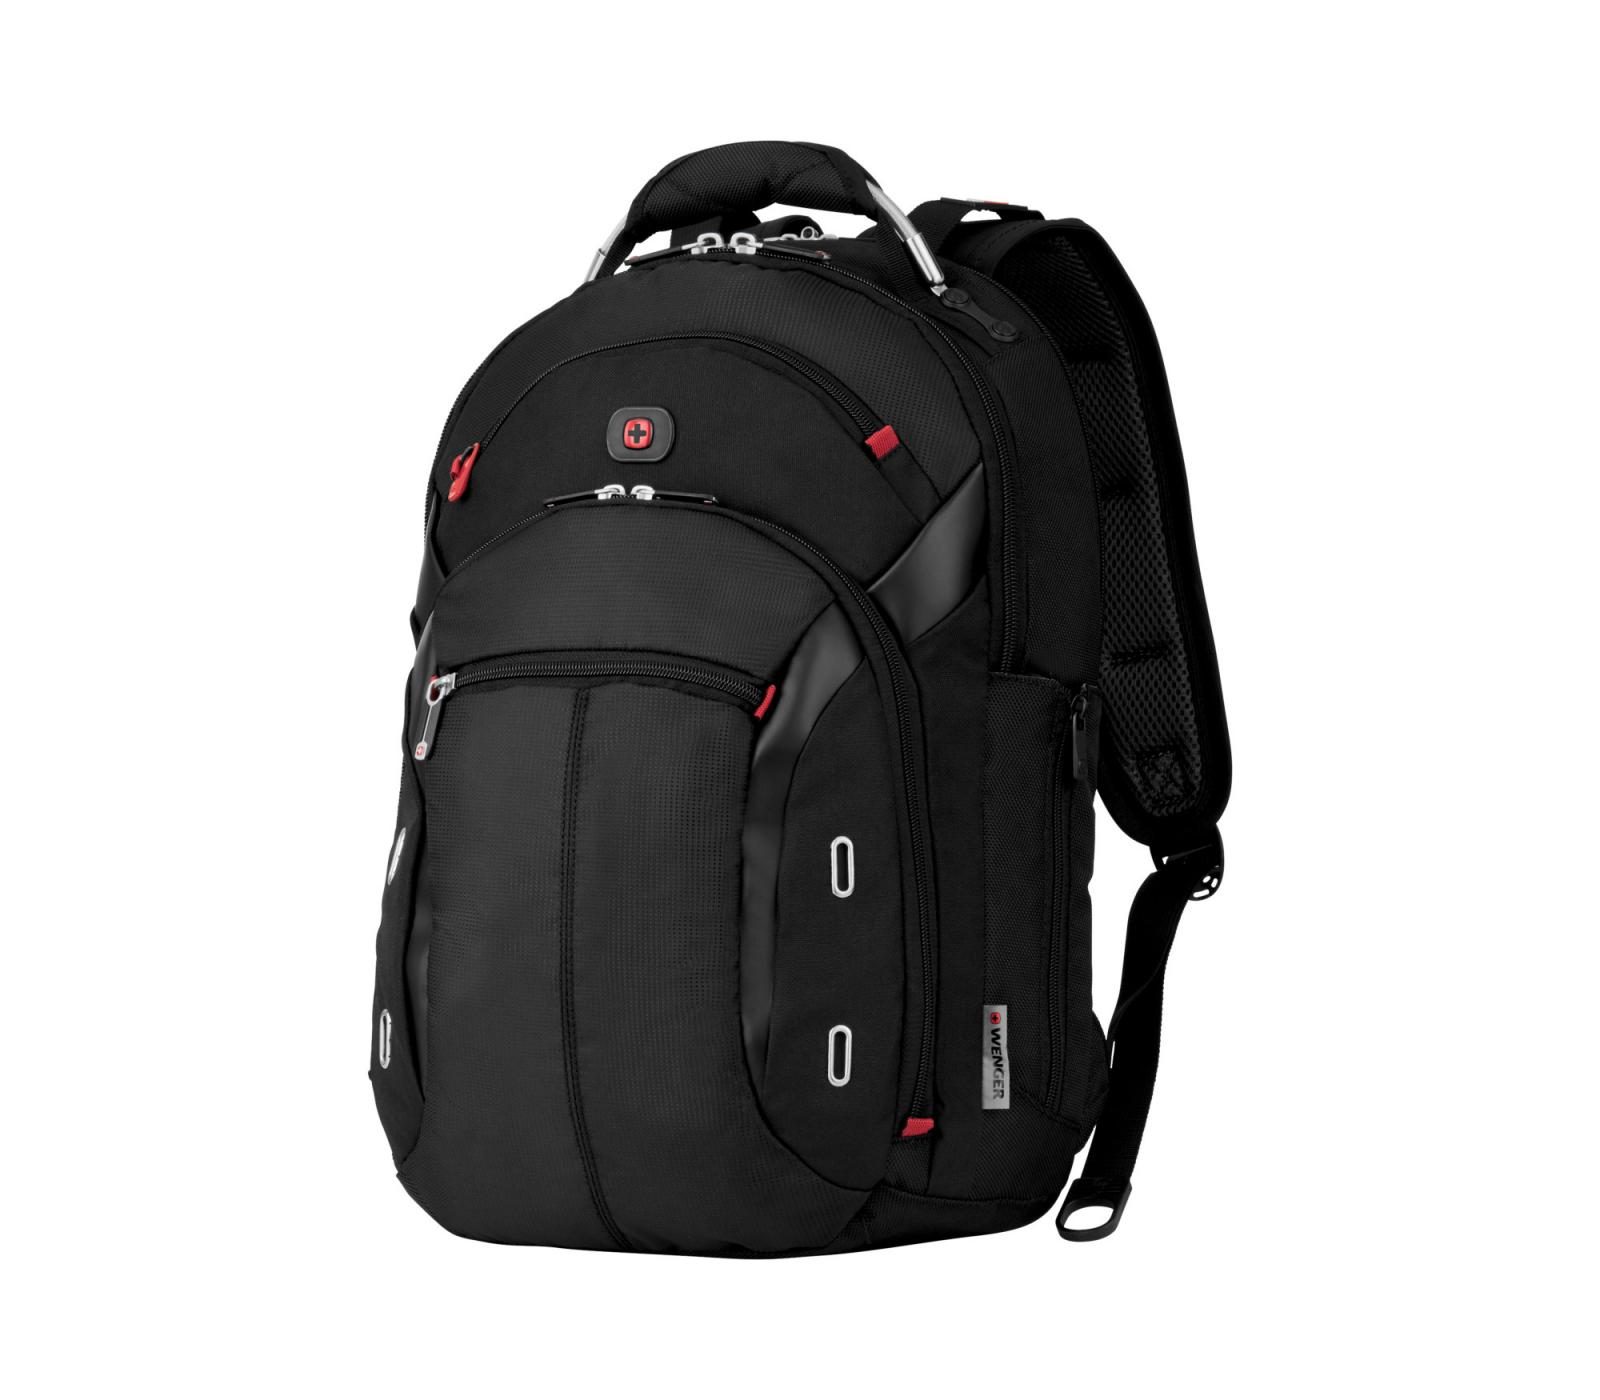 Mochila  Wenger Gigabyte 15 '' Macbook Pro 600627*